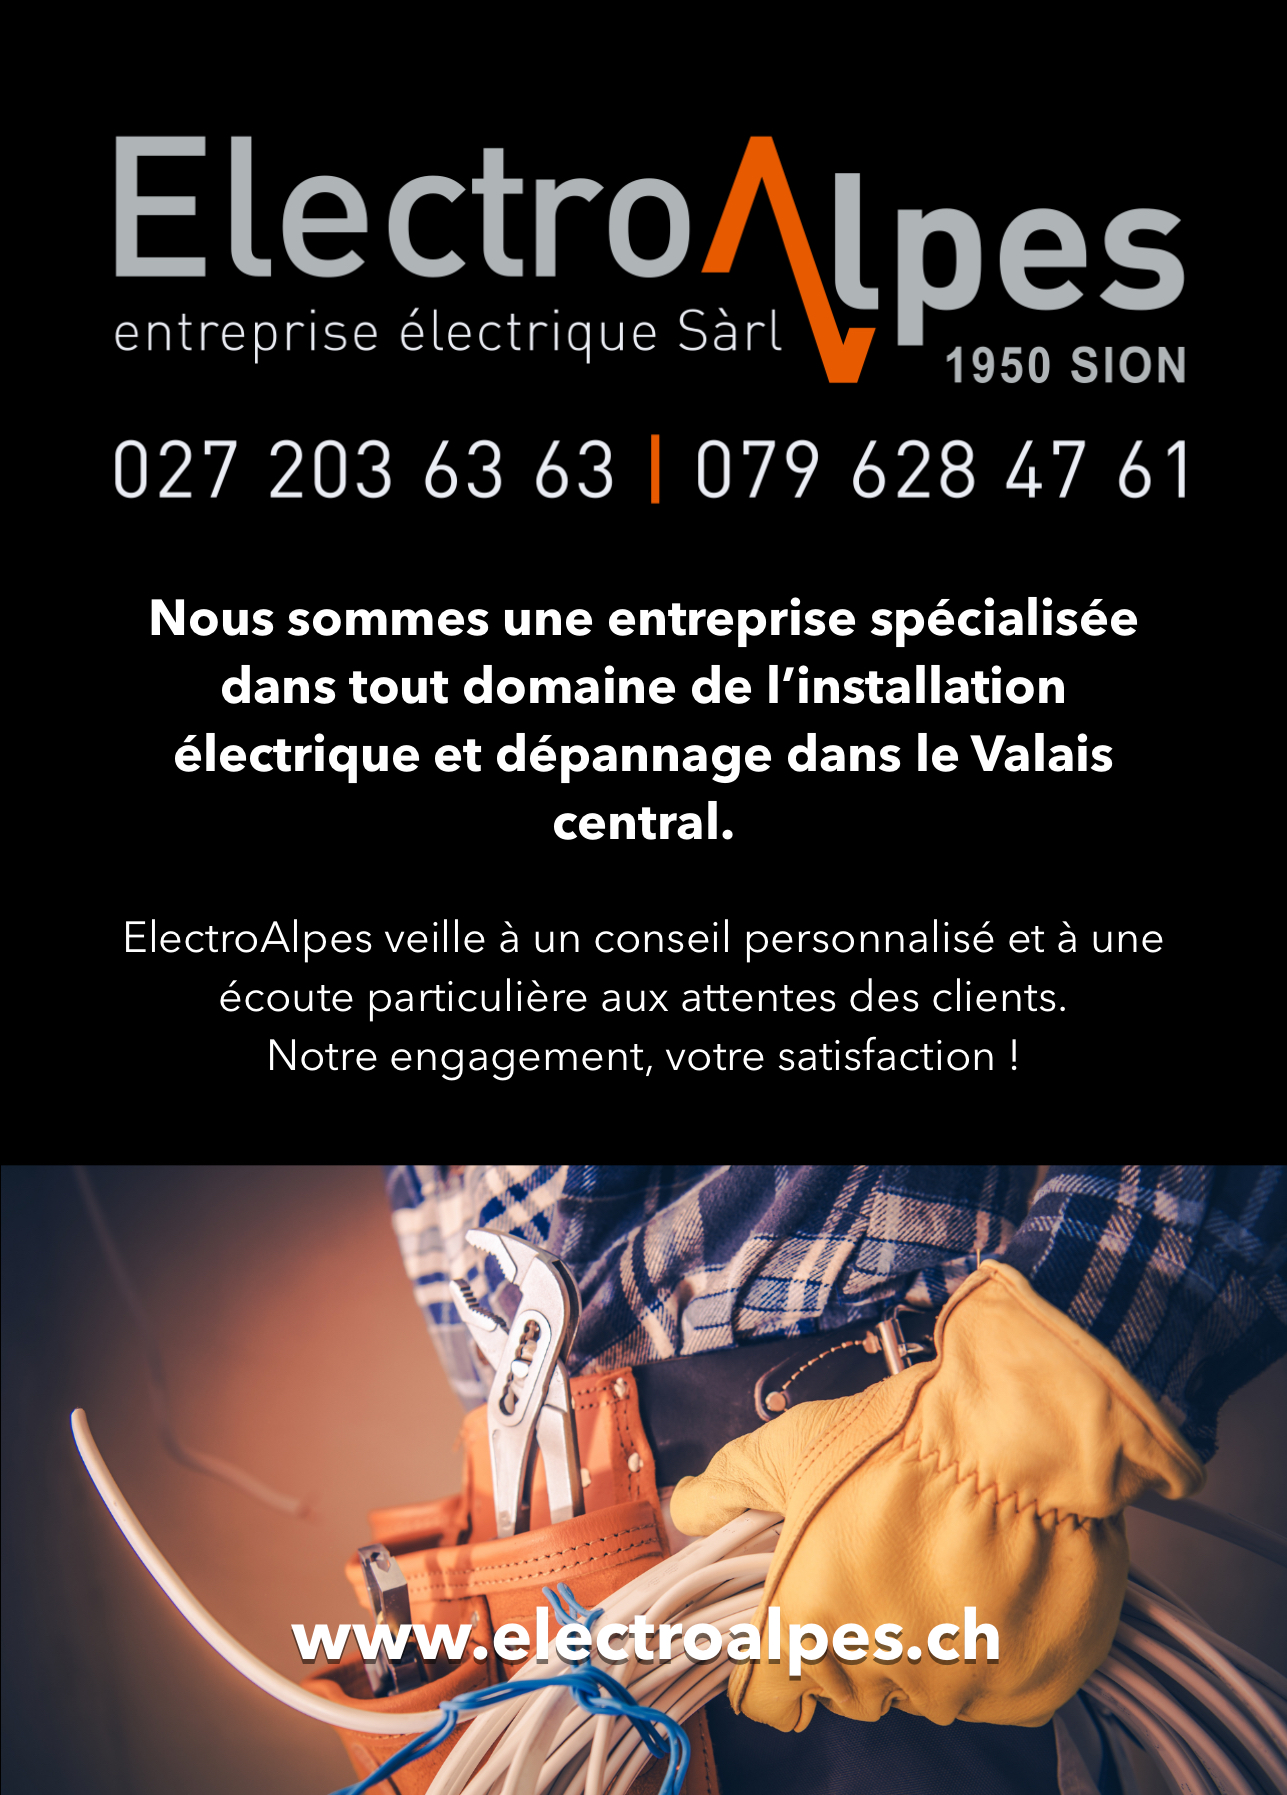 electroalpes